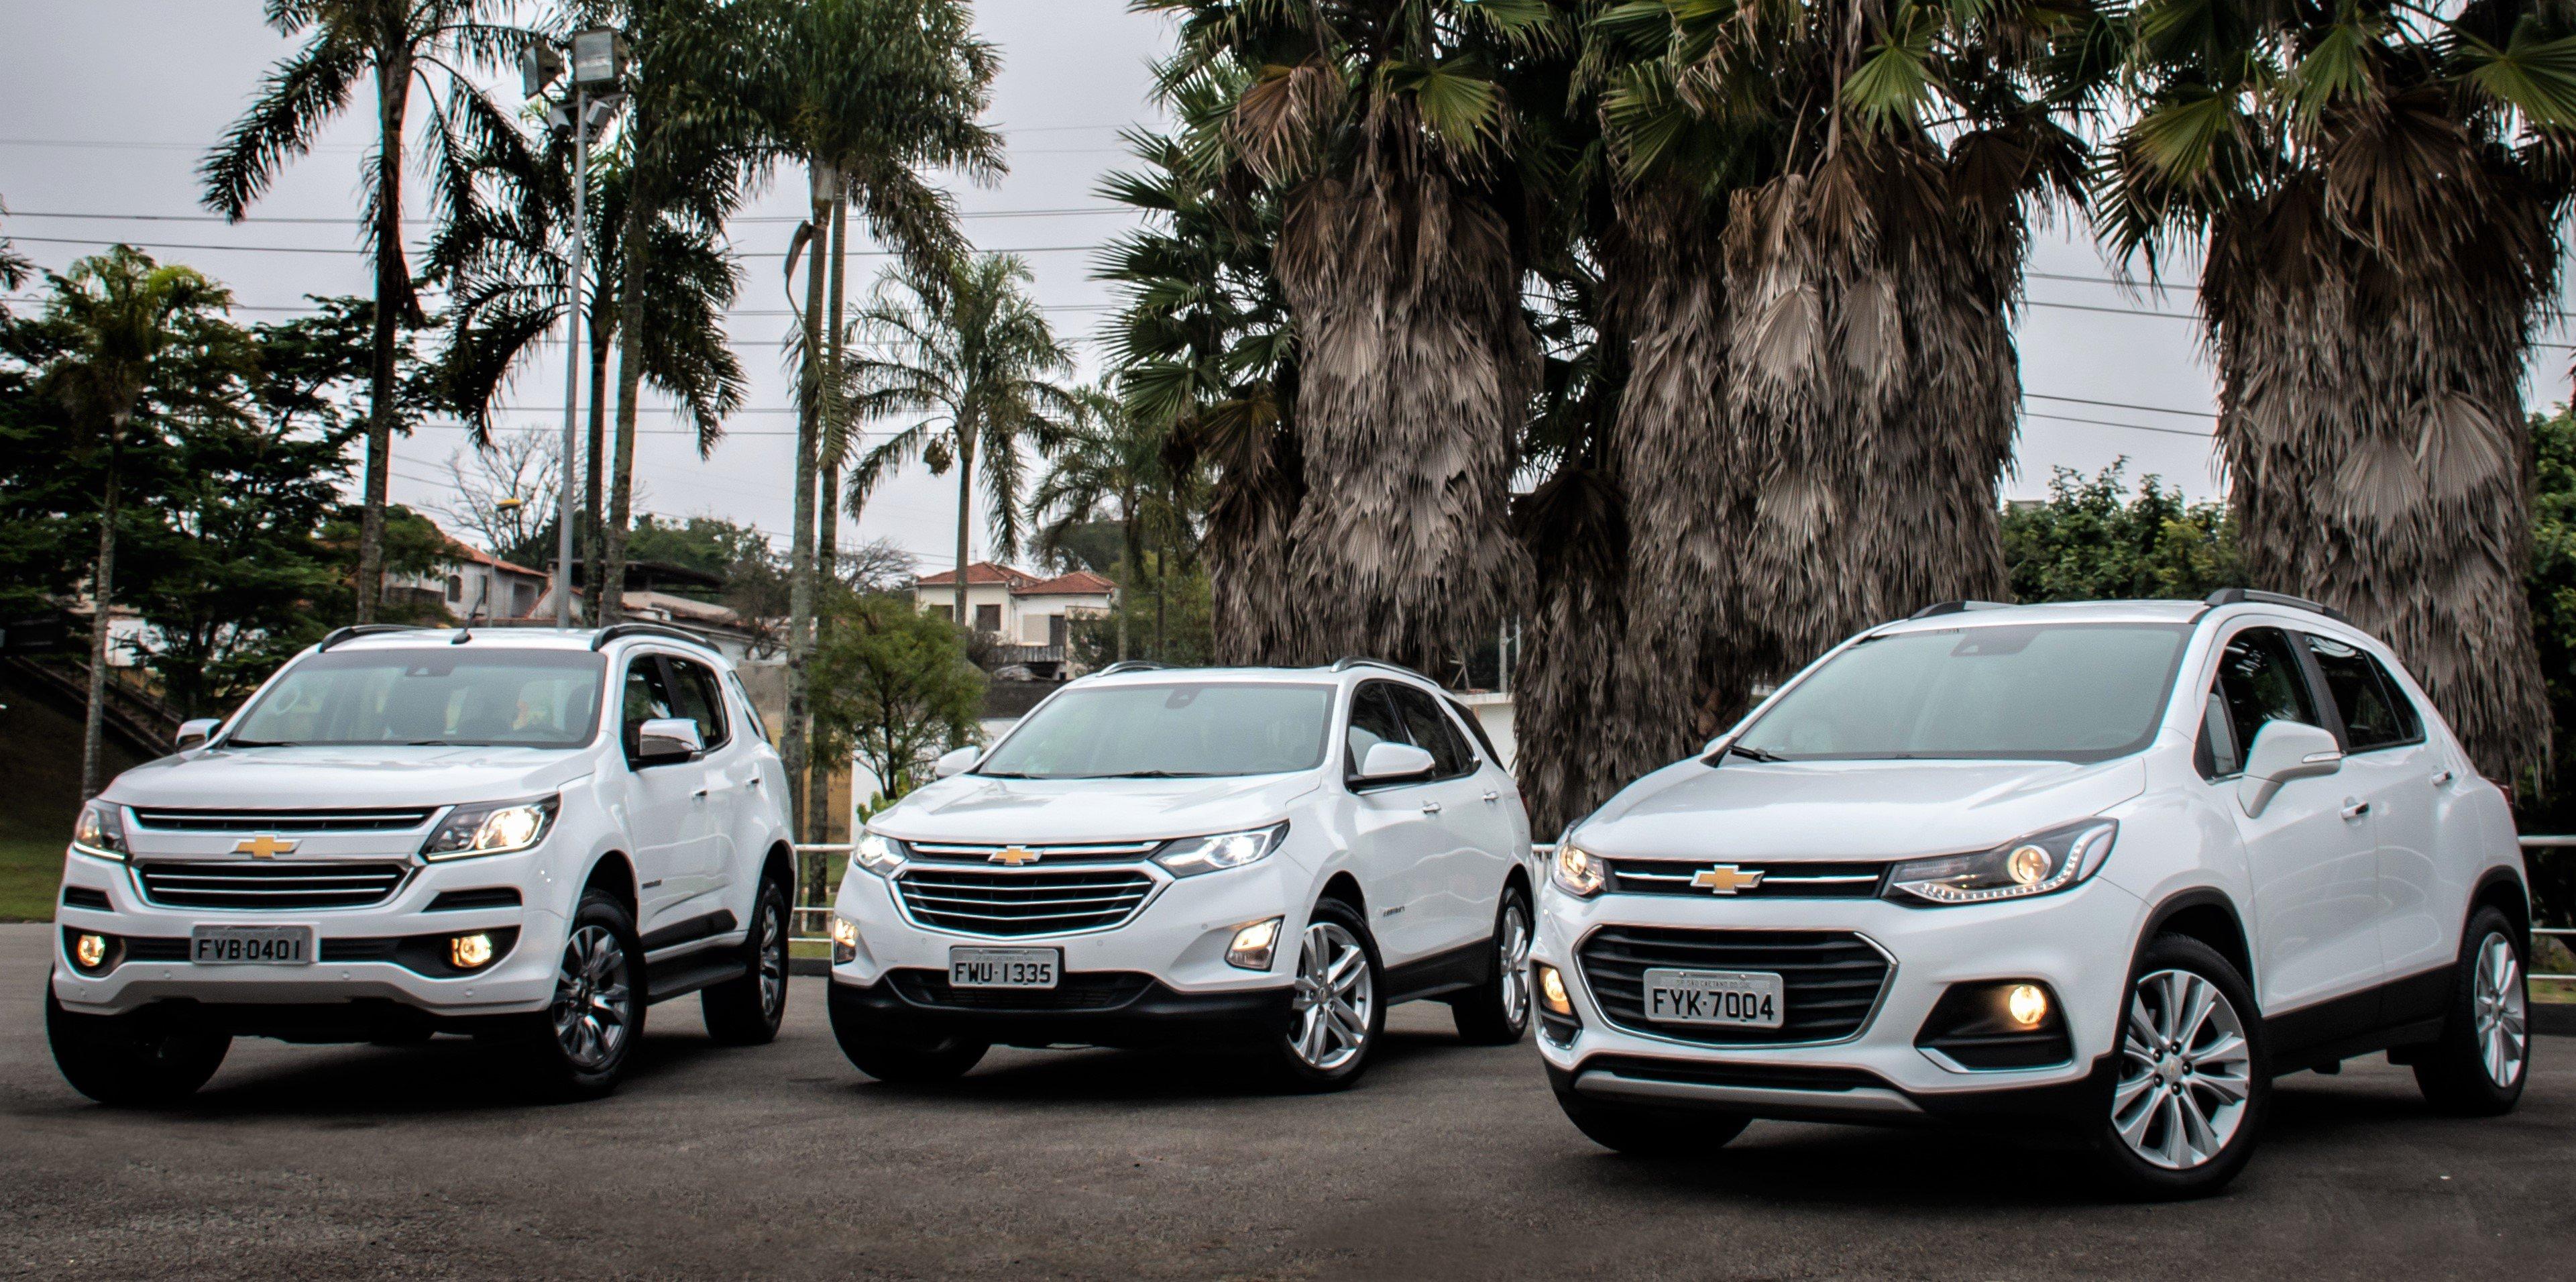 Chevrolet é a marca que mais cresce em vendas de SUVs no Brasil e apresenta Trailblazer 2019